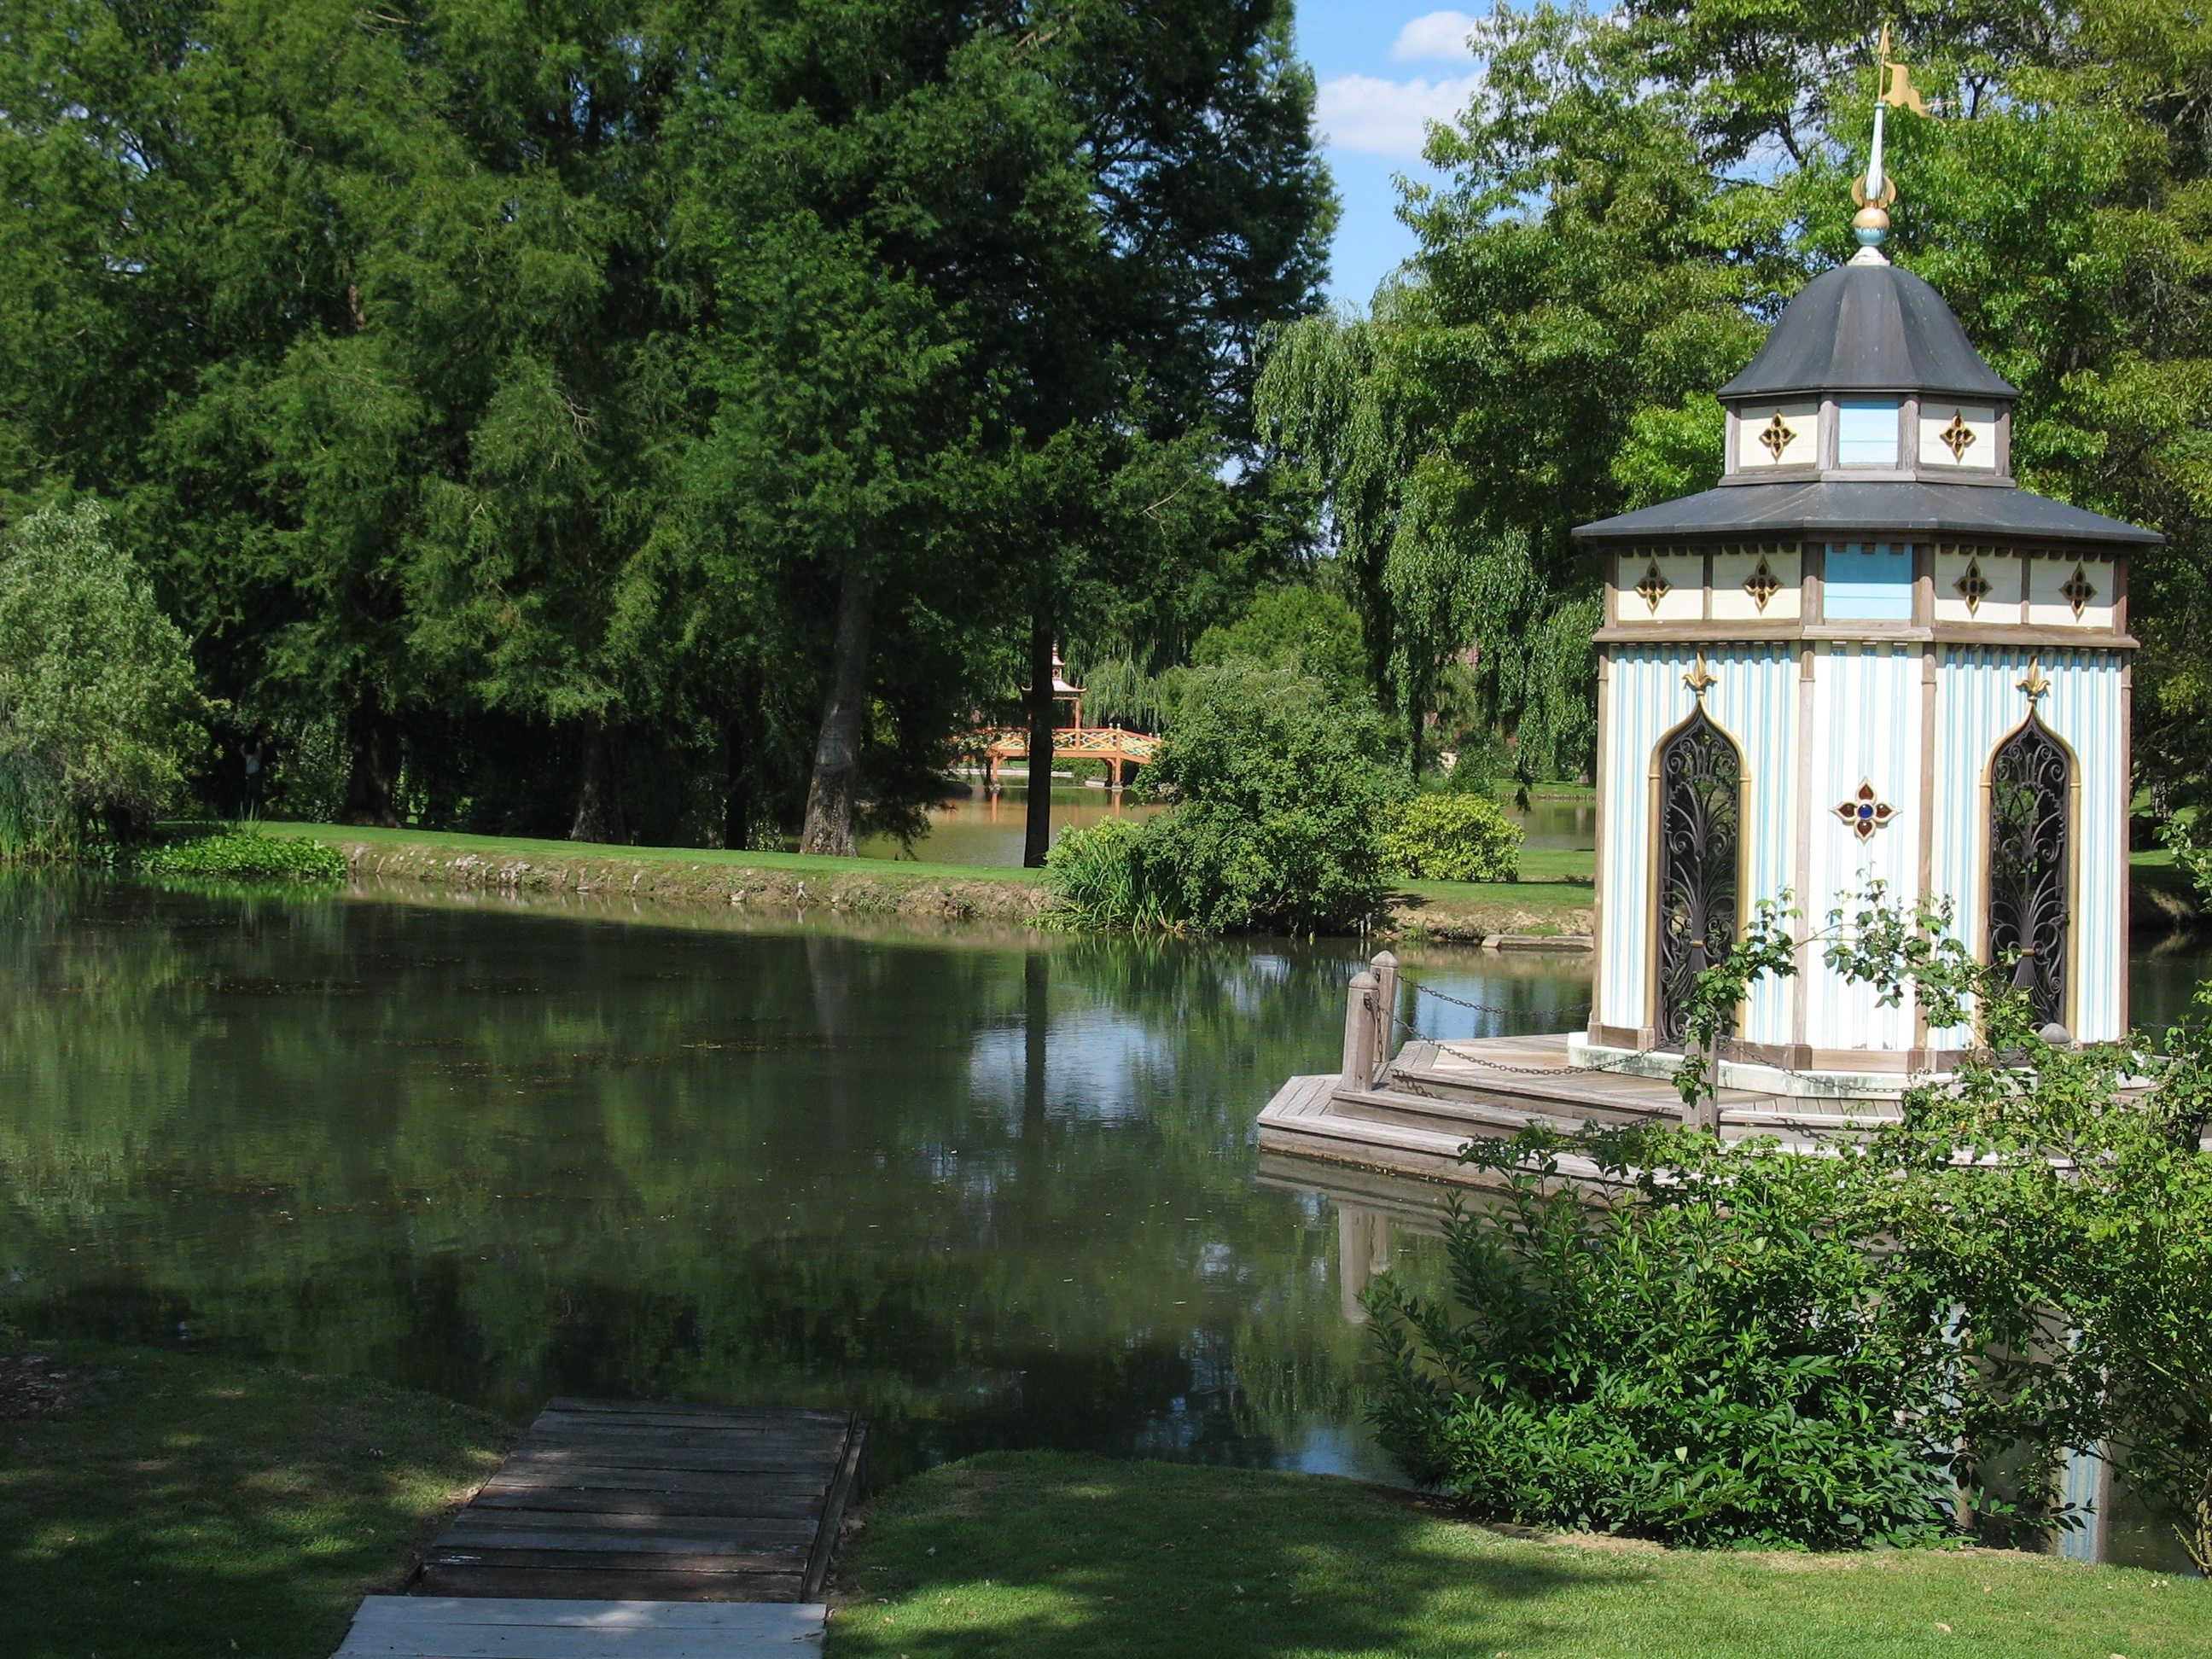 Parc floral d 39 apremont sur allier un jardin remarquable for Apremont sur allier jardin